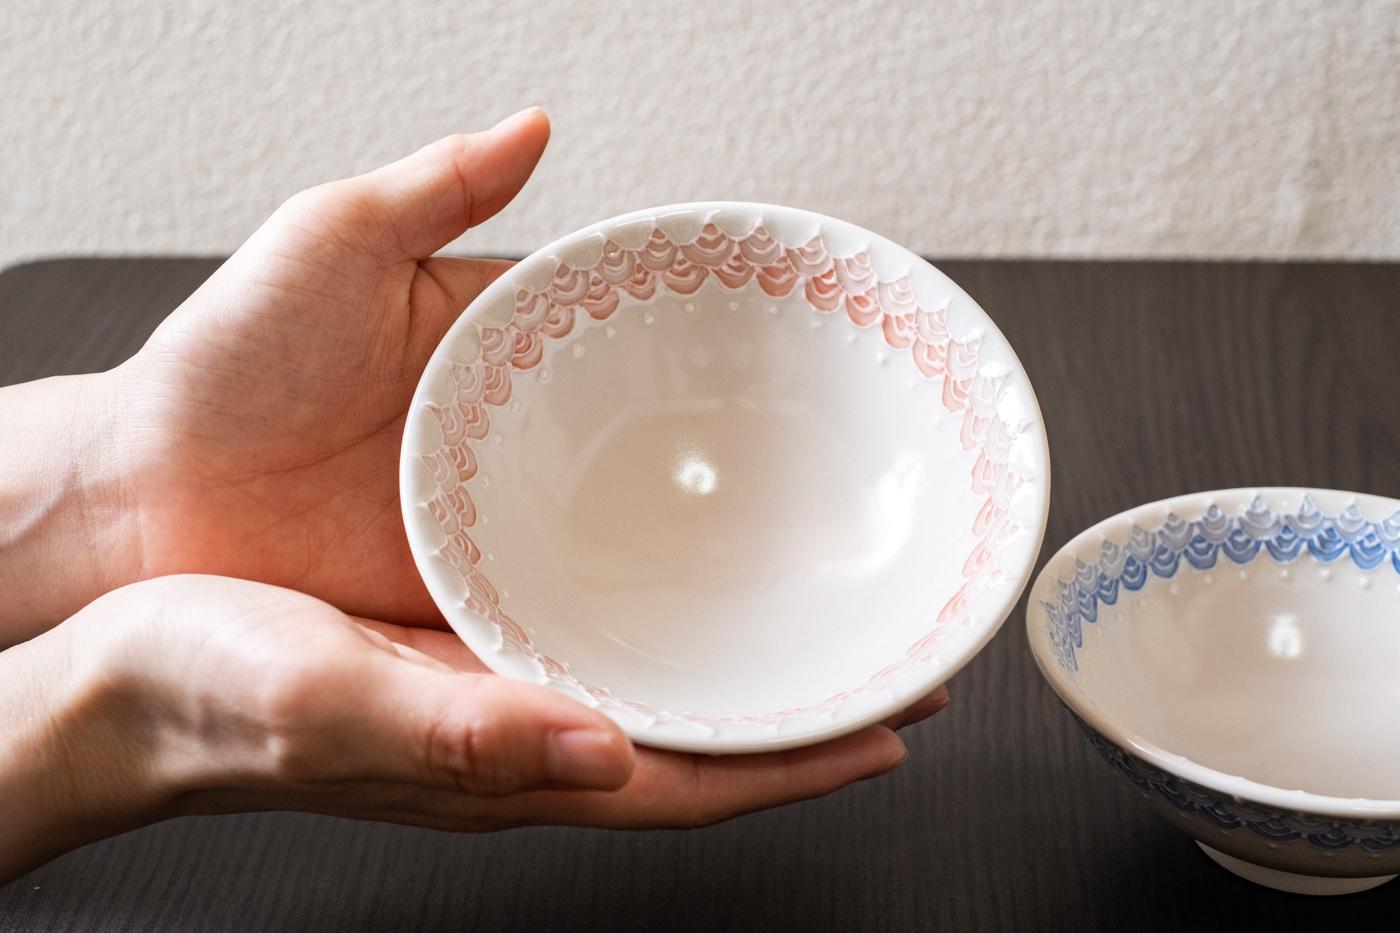 磁器レース茶碗【青/ピンク】